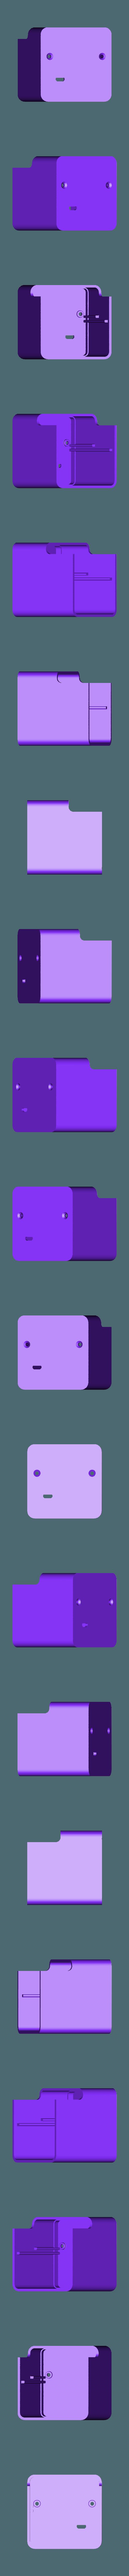 Case_A.STL Télécharger fichier STL gratuit Nettoyant pour panne à souder • Modèle à imprimer en 3D, perinski